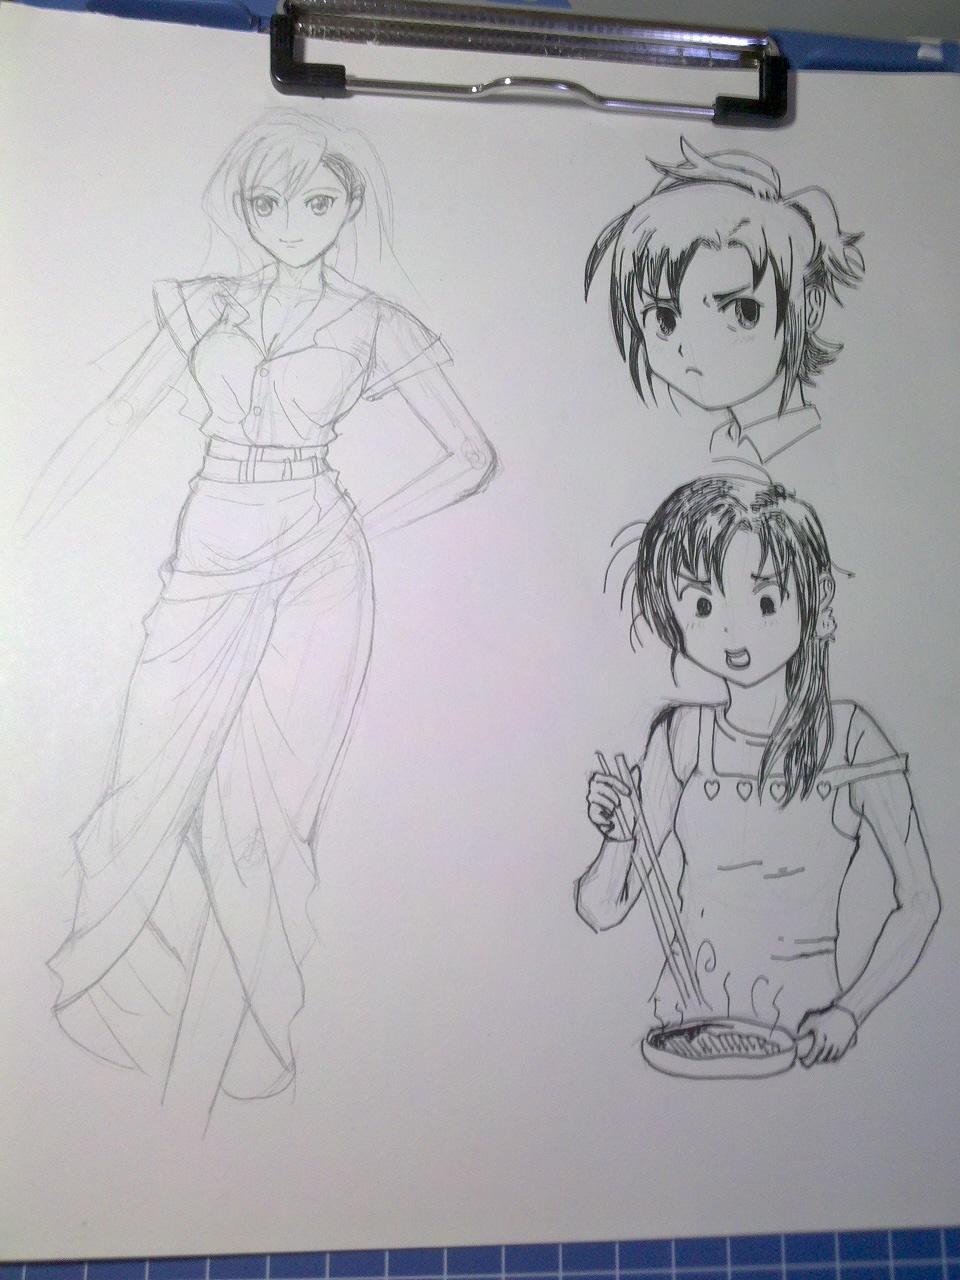 《日本大师讲漫画基础篇》《日本大师讲漫画美少女篇